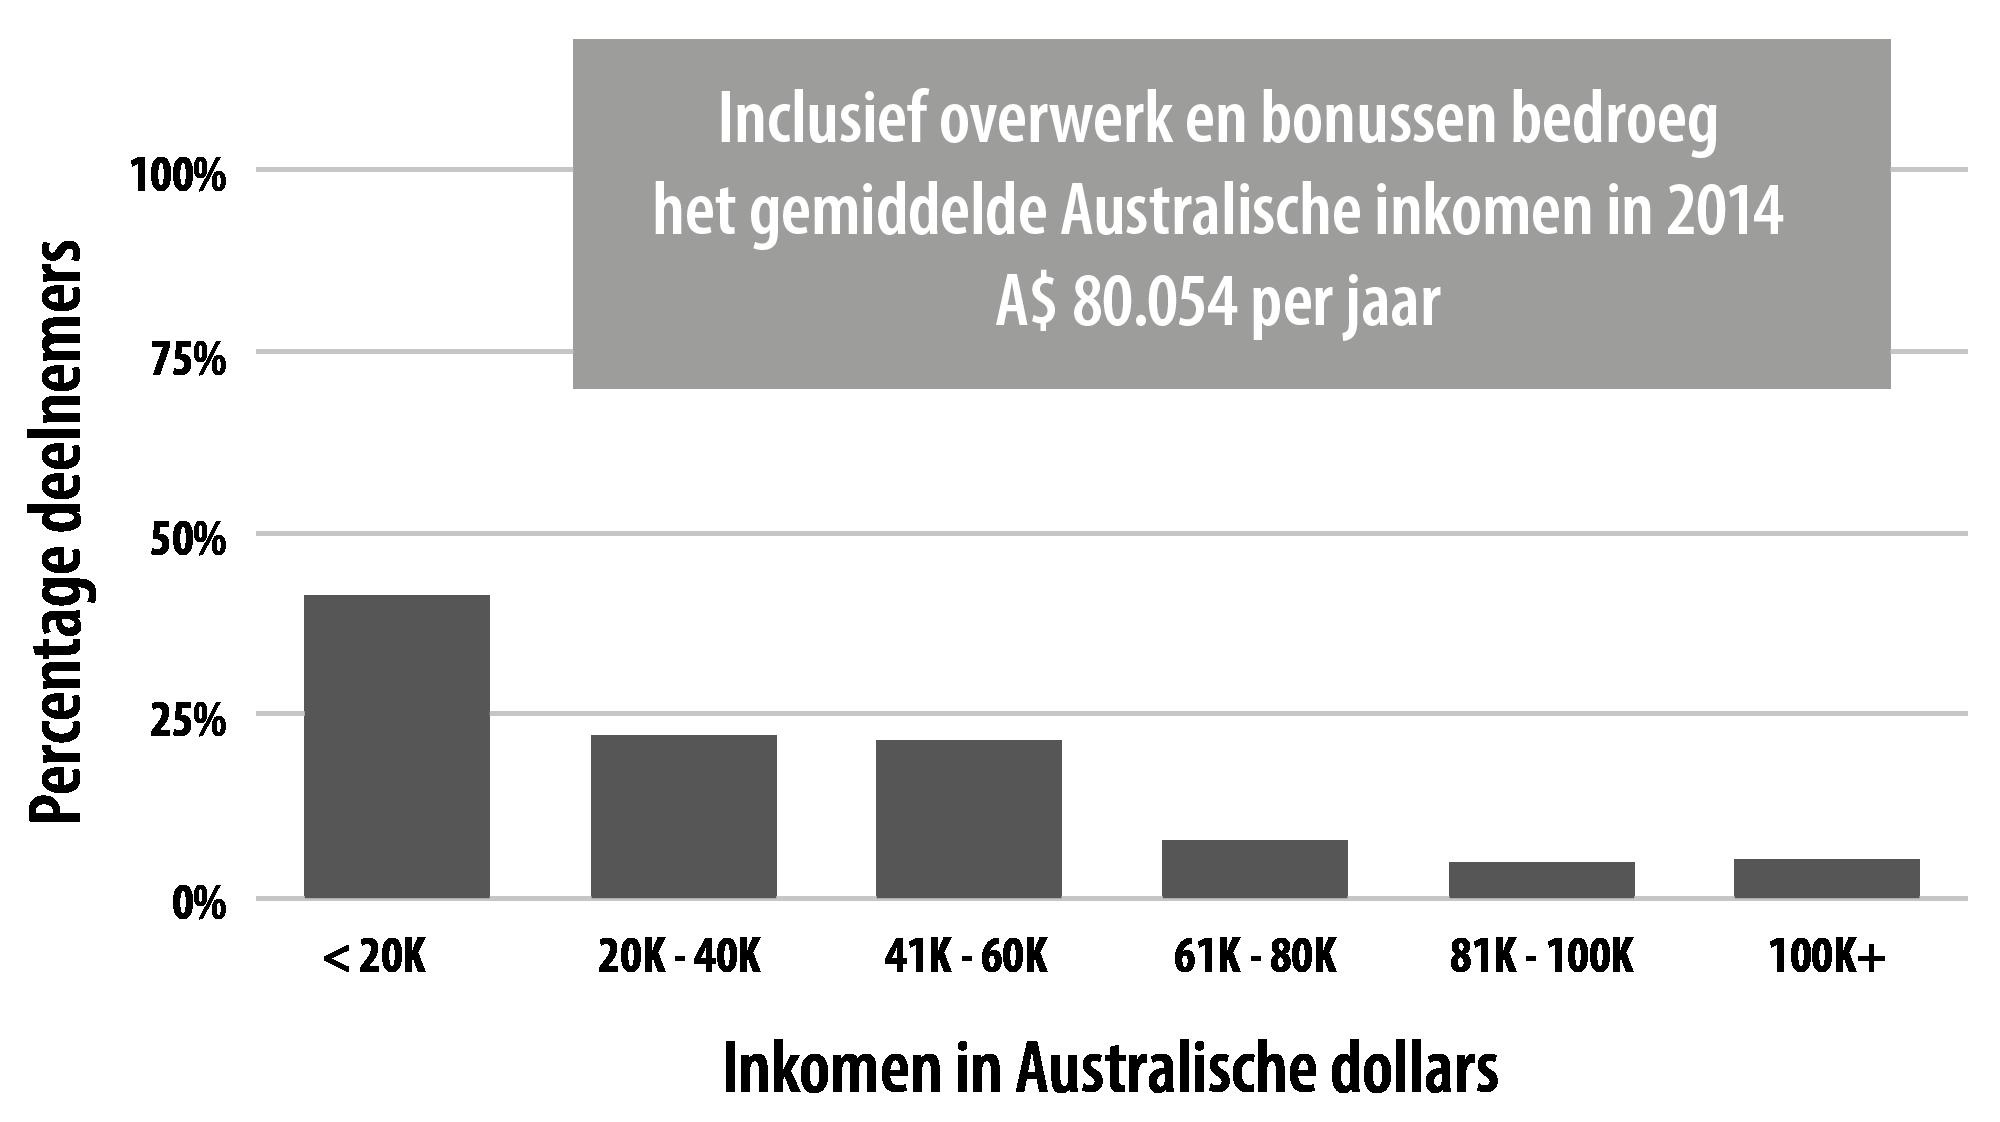 Inkomen van intersekse personen in vergelijking met de rest van de bevolking in Australië zoals dit naar voren komt in het het onderzoek van Jones et al. 2016